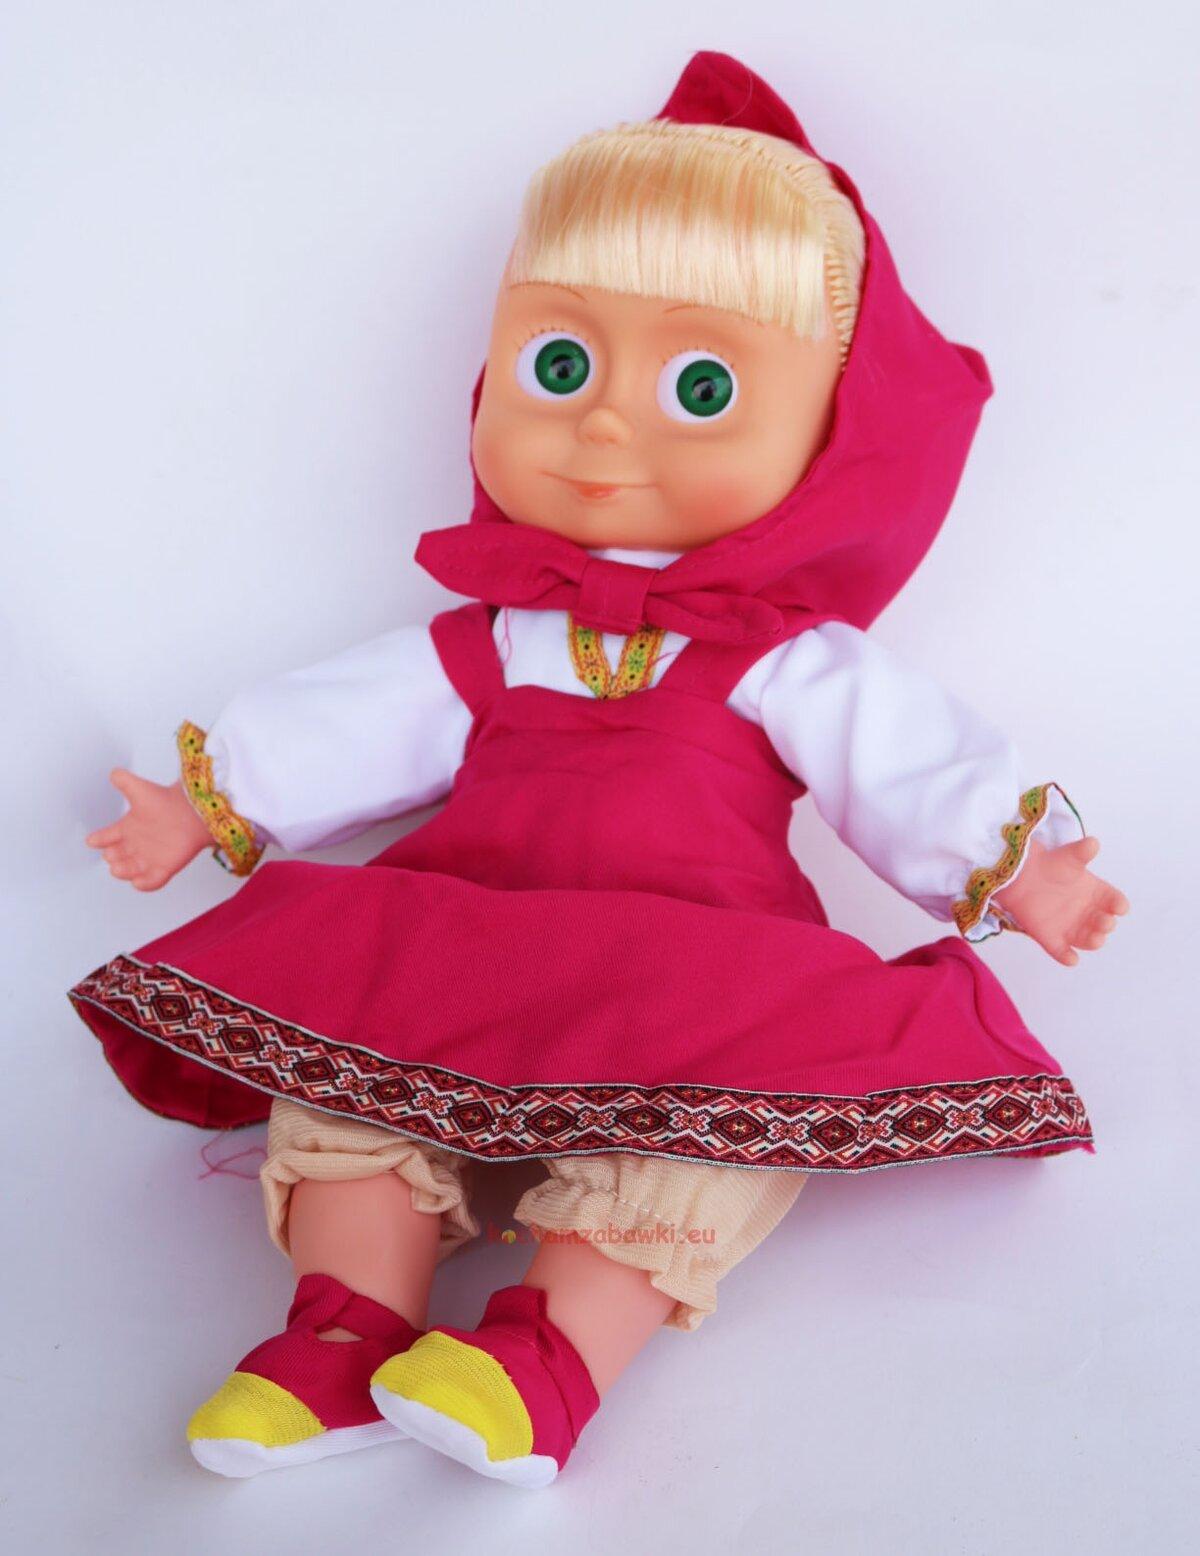 Куклы маг на насяня фото маша